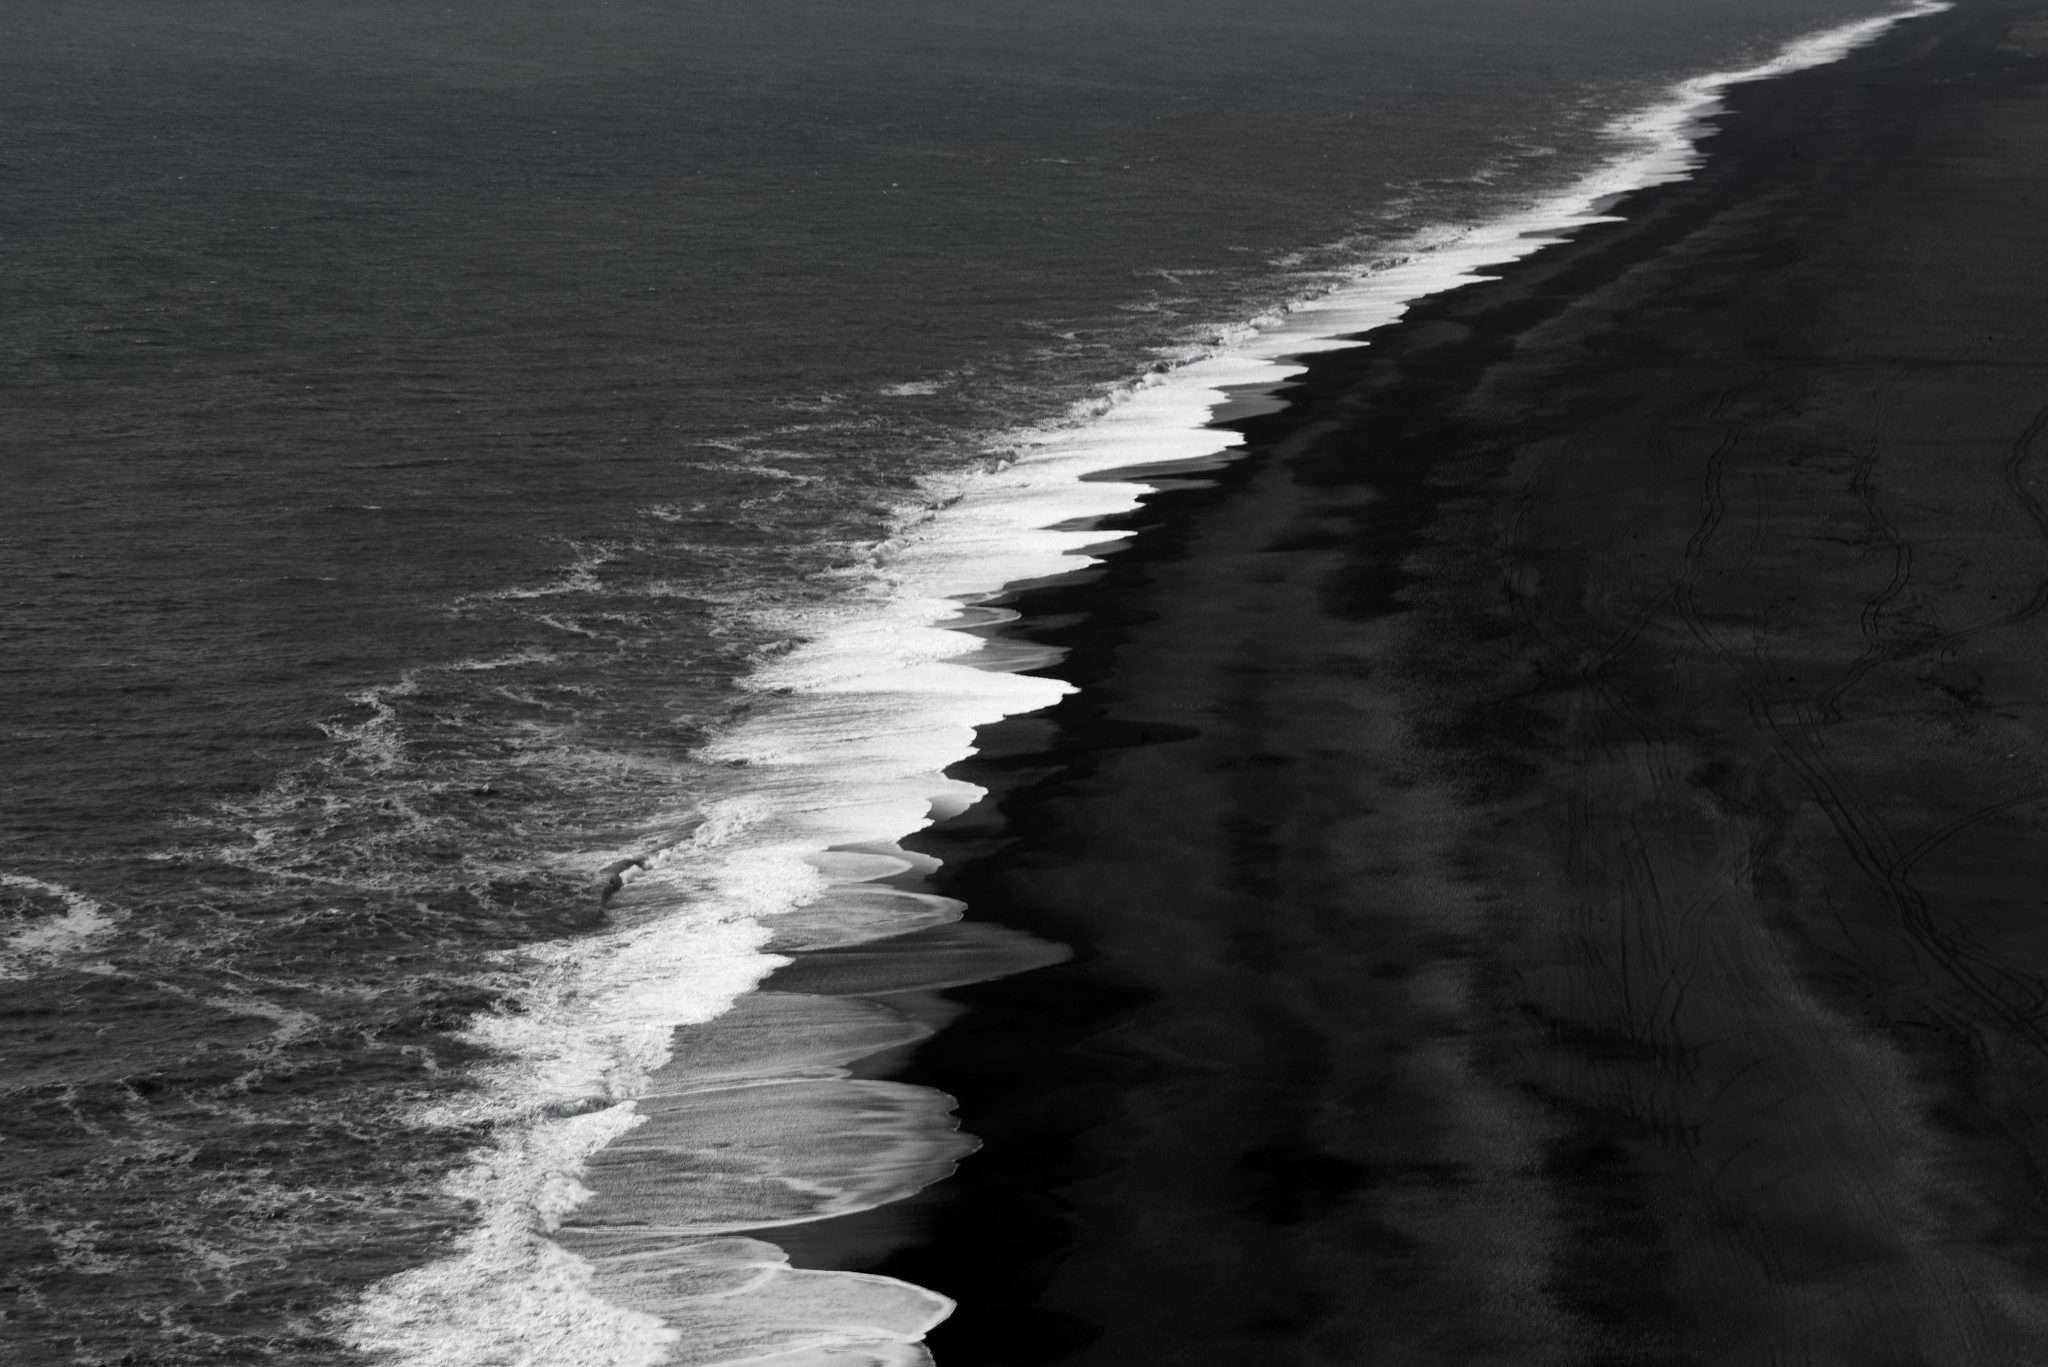 Fotografia del mare del nord in Islanda realizzata da Barbara Trincone, fotografa professionista paesaggista e di reportage con studio privato a Pozzuoli Napoli